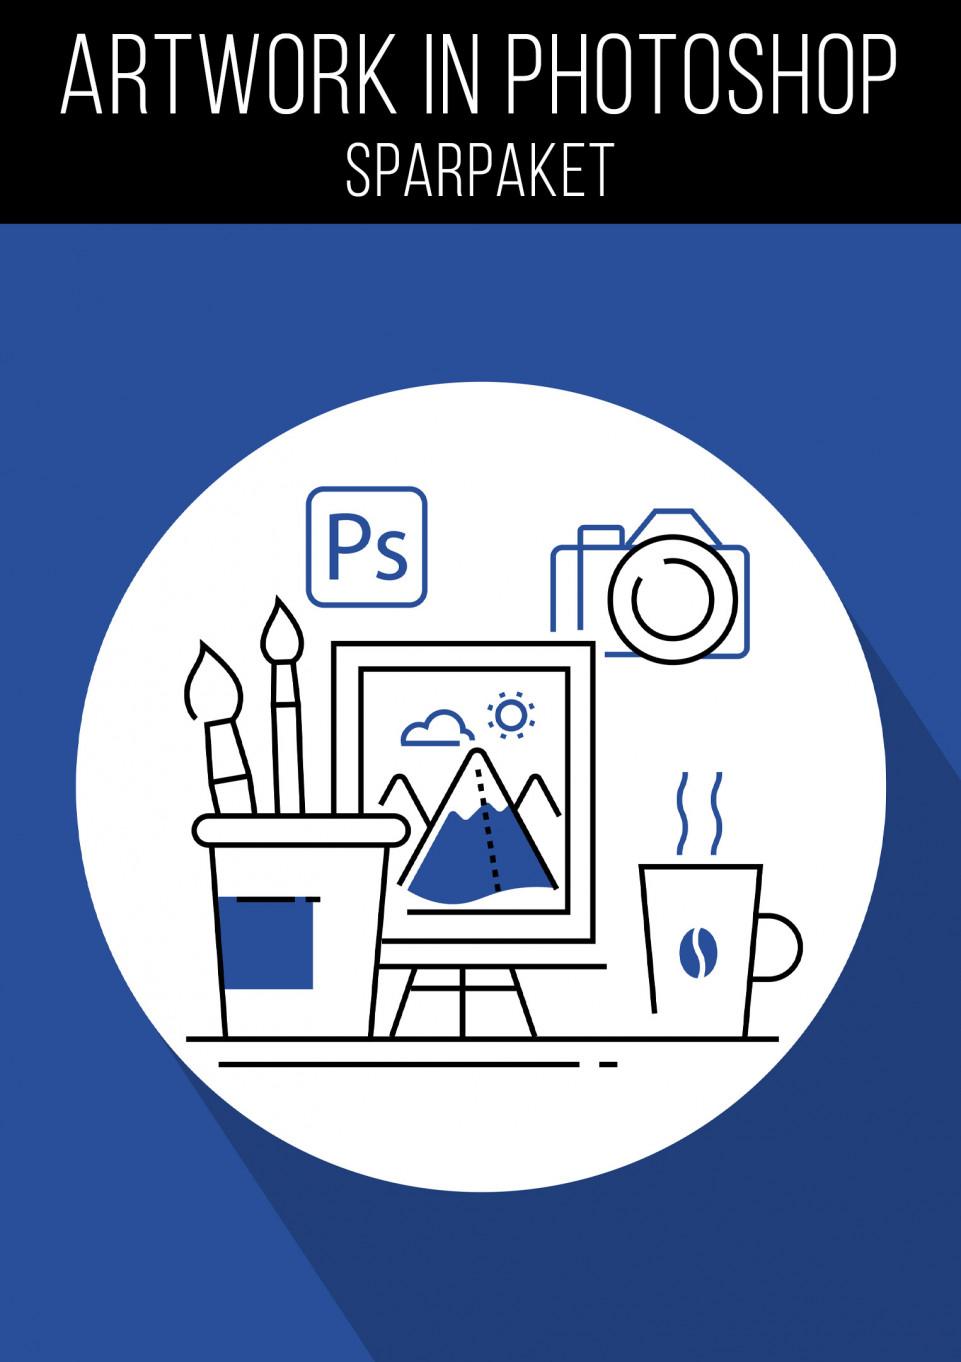 Compositing und Artwork in Photoshop: 7 Tutorials im Sparpaket